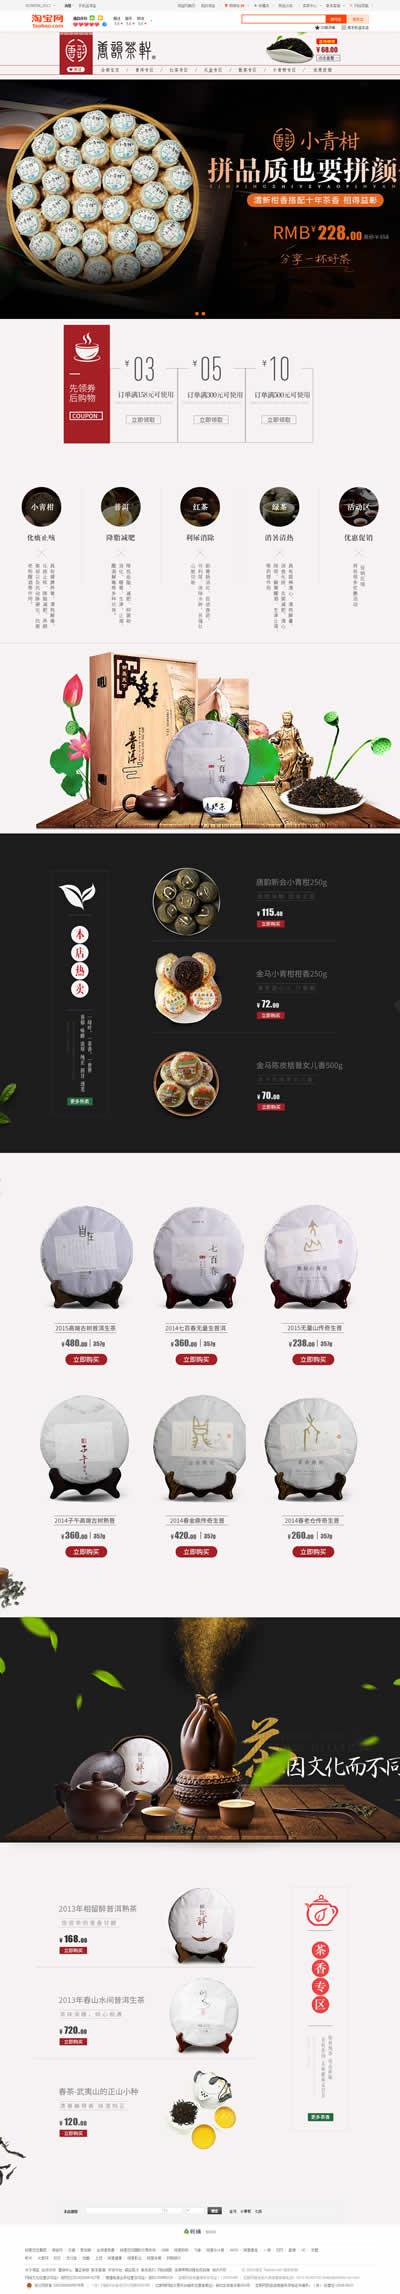 茶产品网站设计